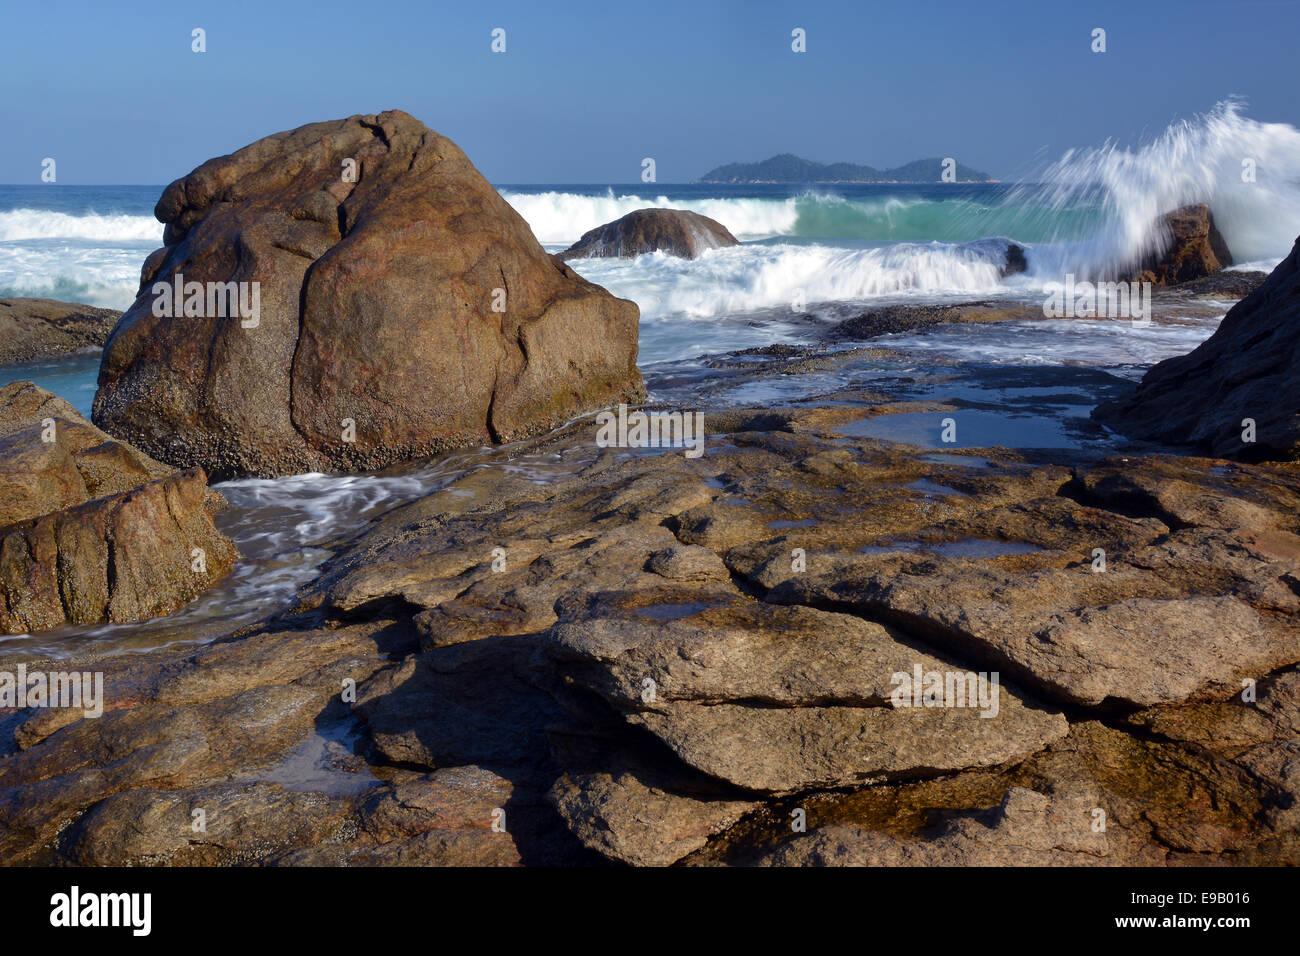 Si gonfiano sulla costa rocciosa di lopes mendes beach, Ilha Grande, stato di Rio de janeiro, Brasile Immagini Stock